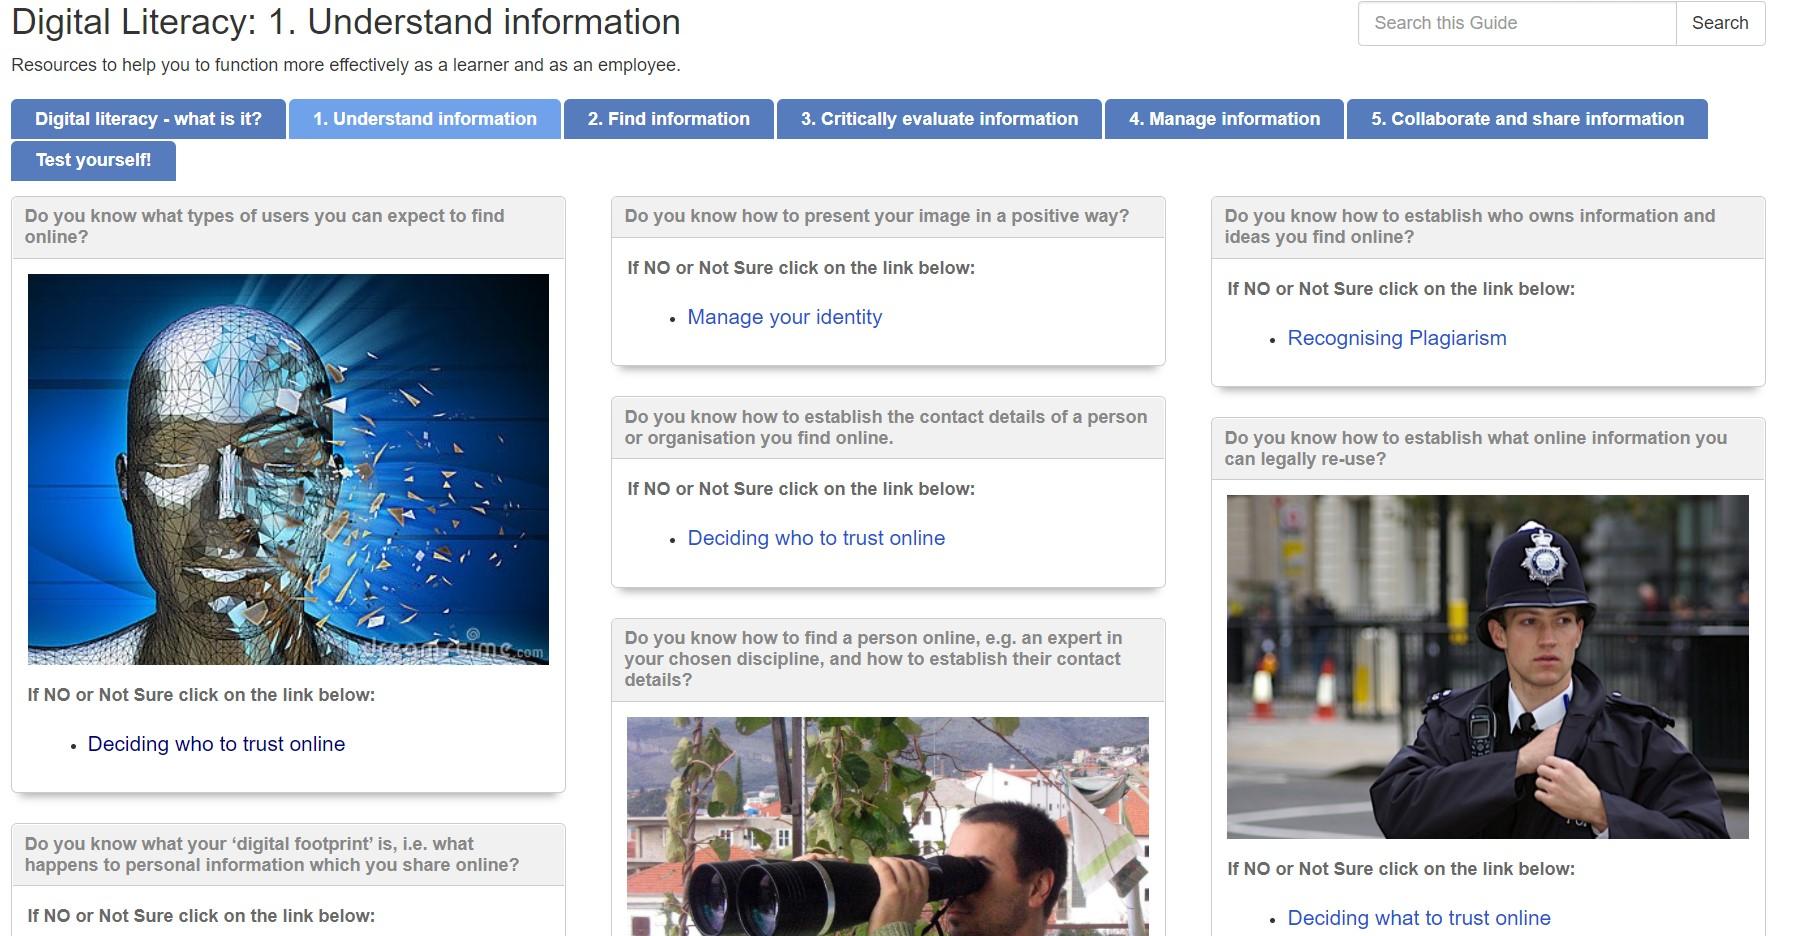 Link to Digital Literacies guide